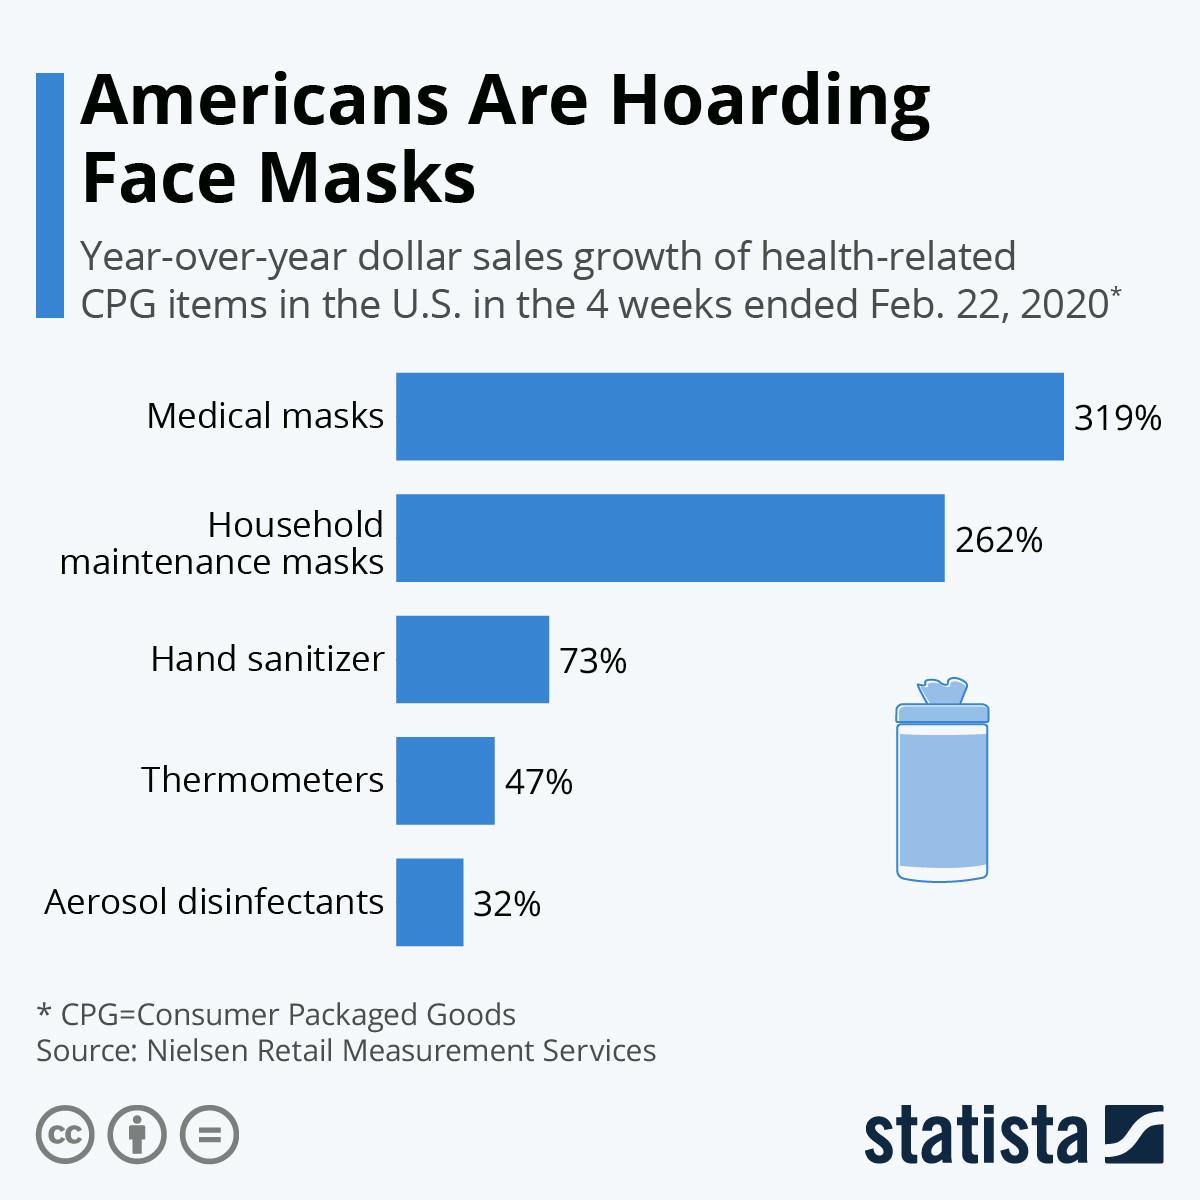 Les Américains amassent des masques faciaux